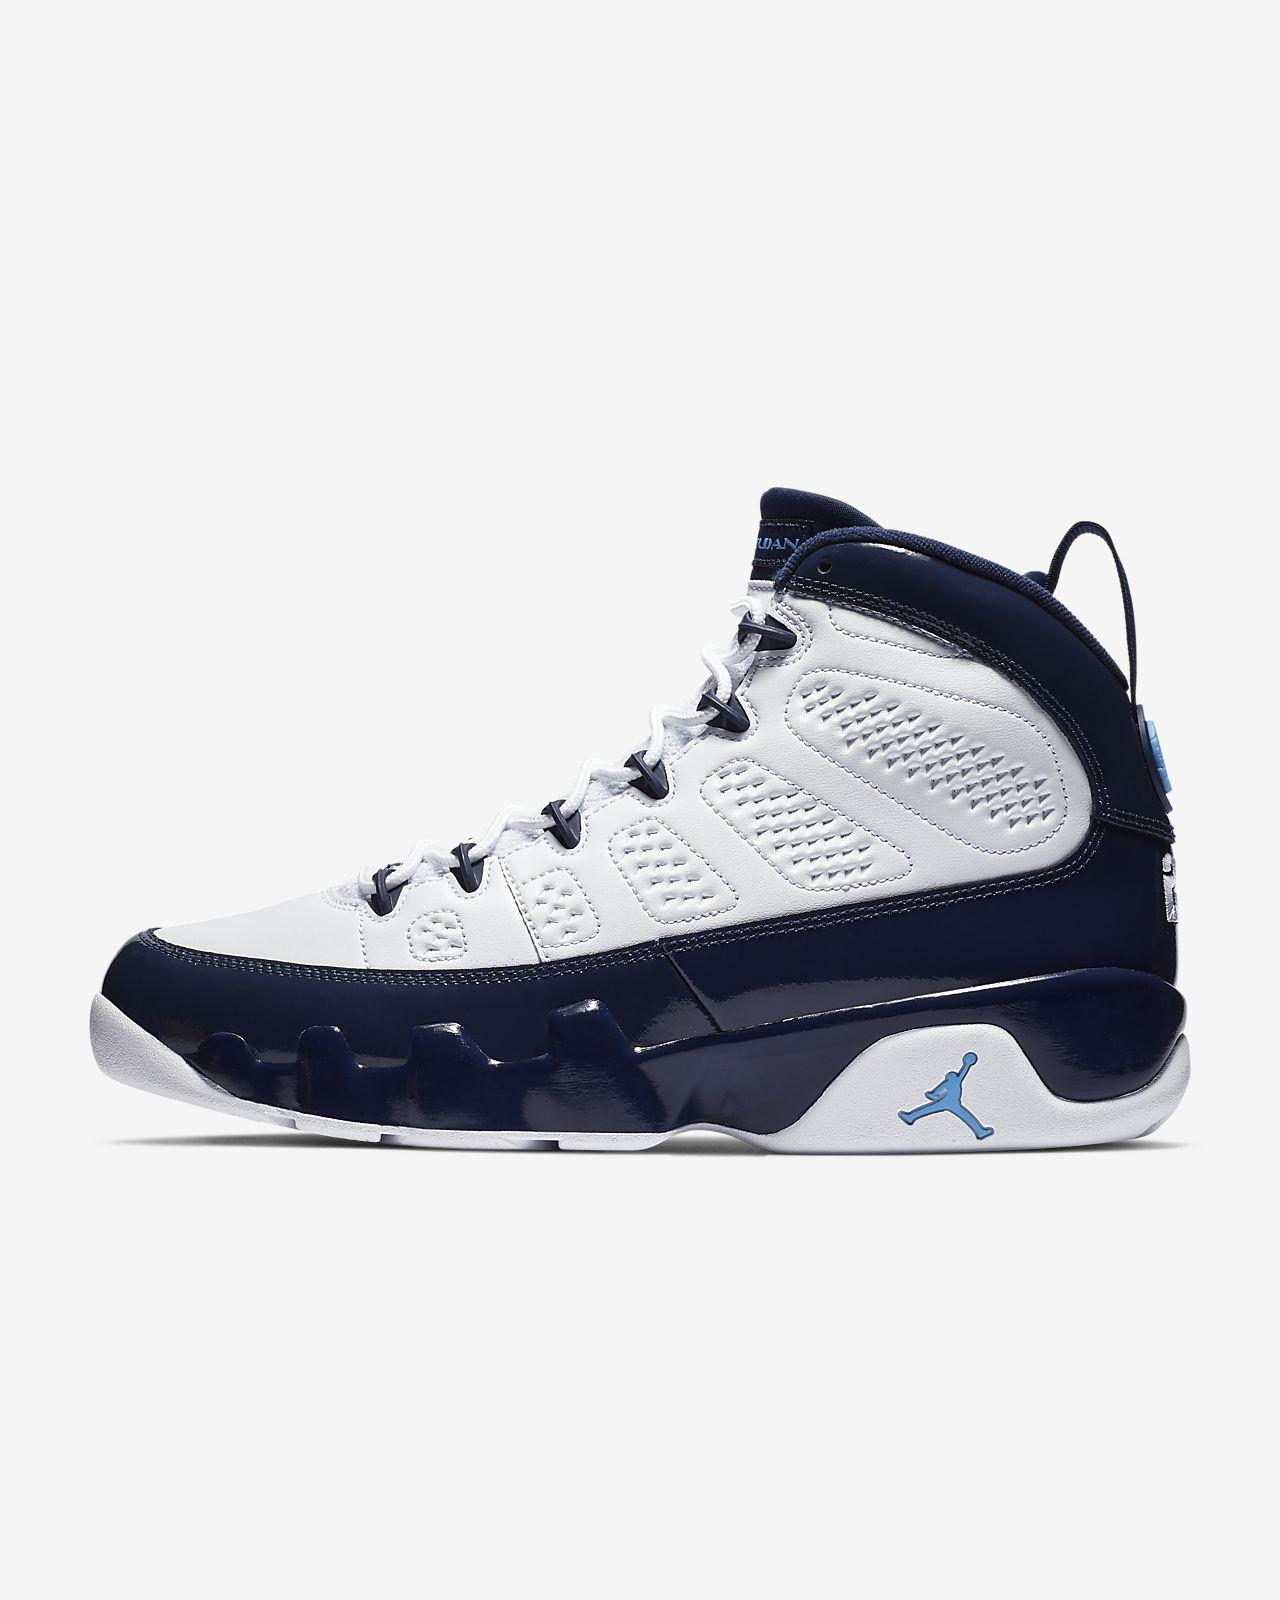 Air Jordan 9 Retro 复刻男子运动鞋